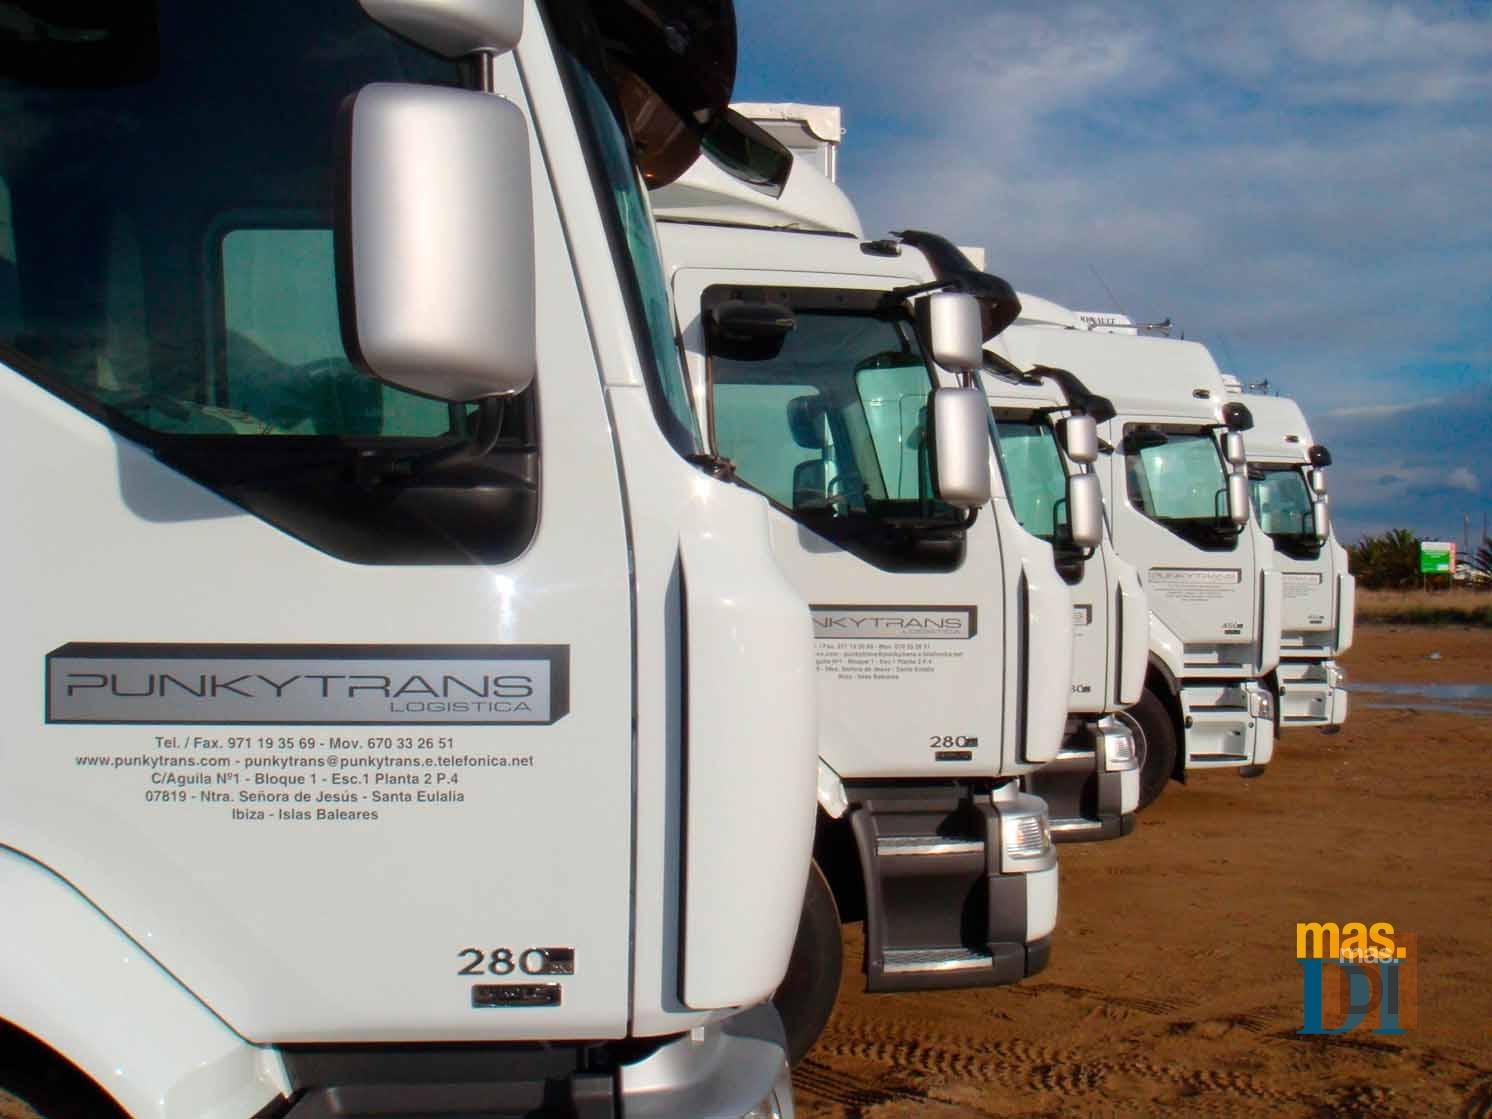 Punkytrans S.L., rapidez, eficacia y confianza para el transporte en las islas